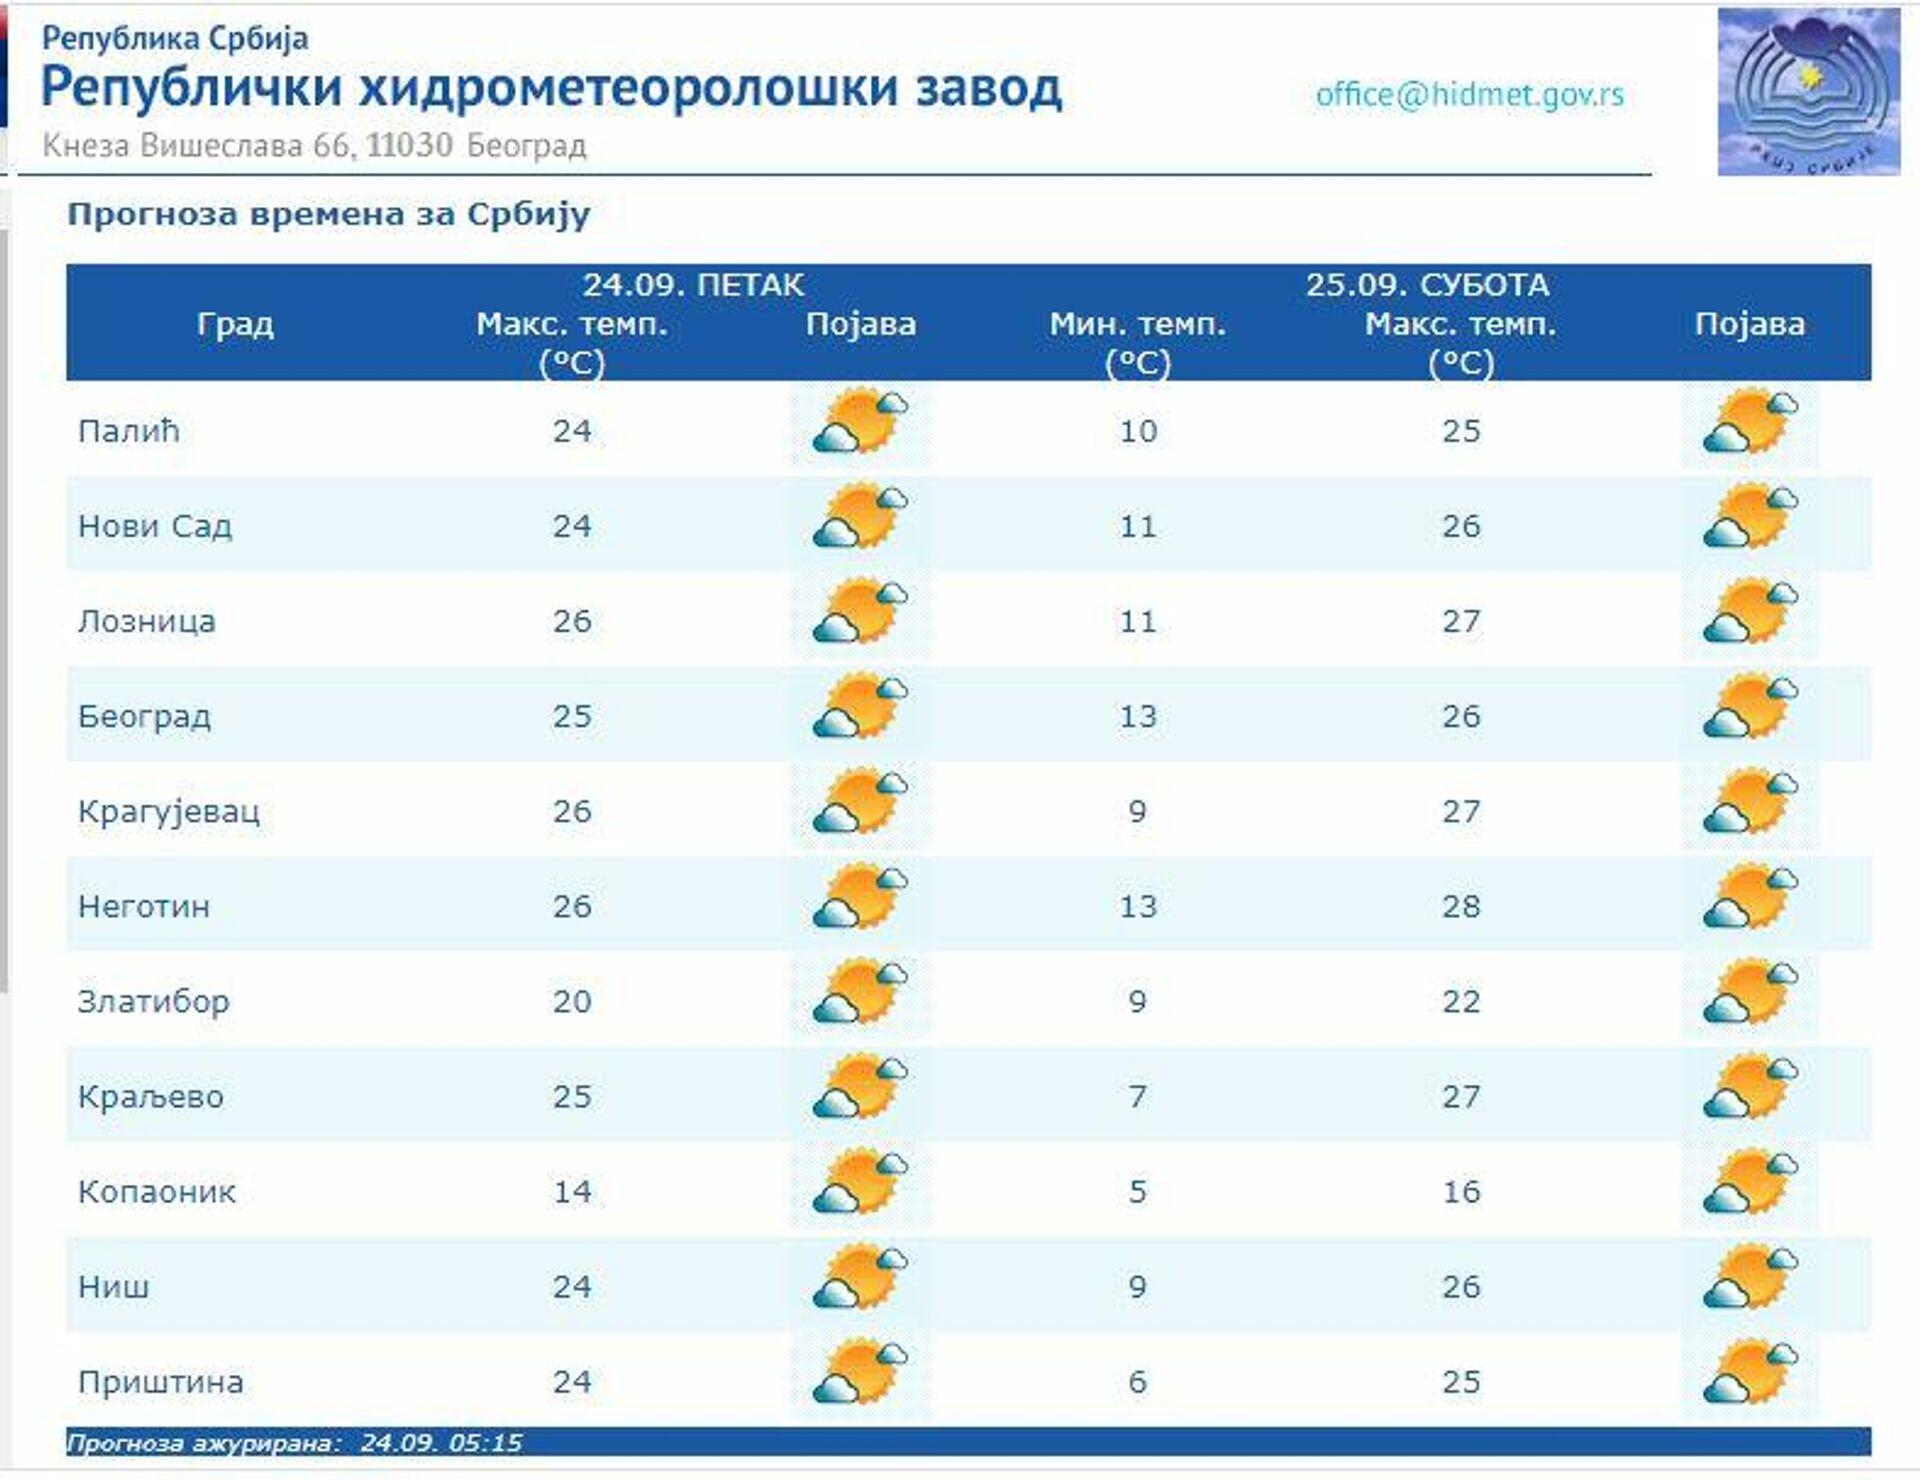 Временска прогноза за петак, 24. септембар - Sputnik Србија, 1920, 24.09.2021